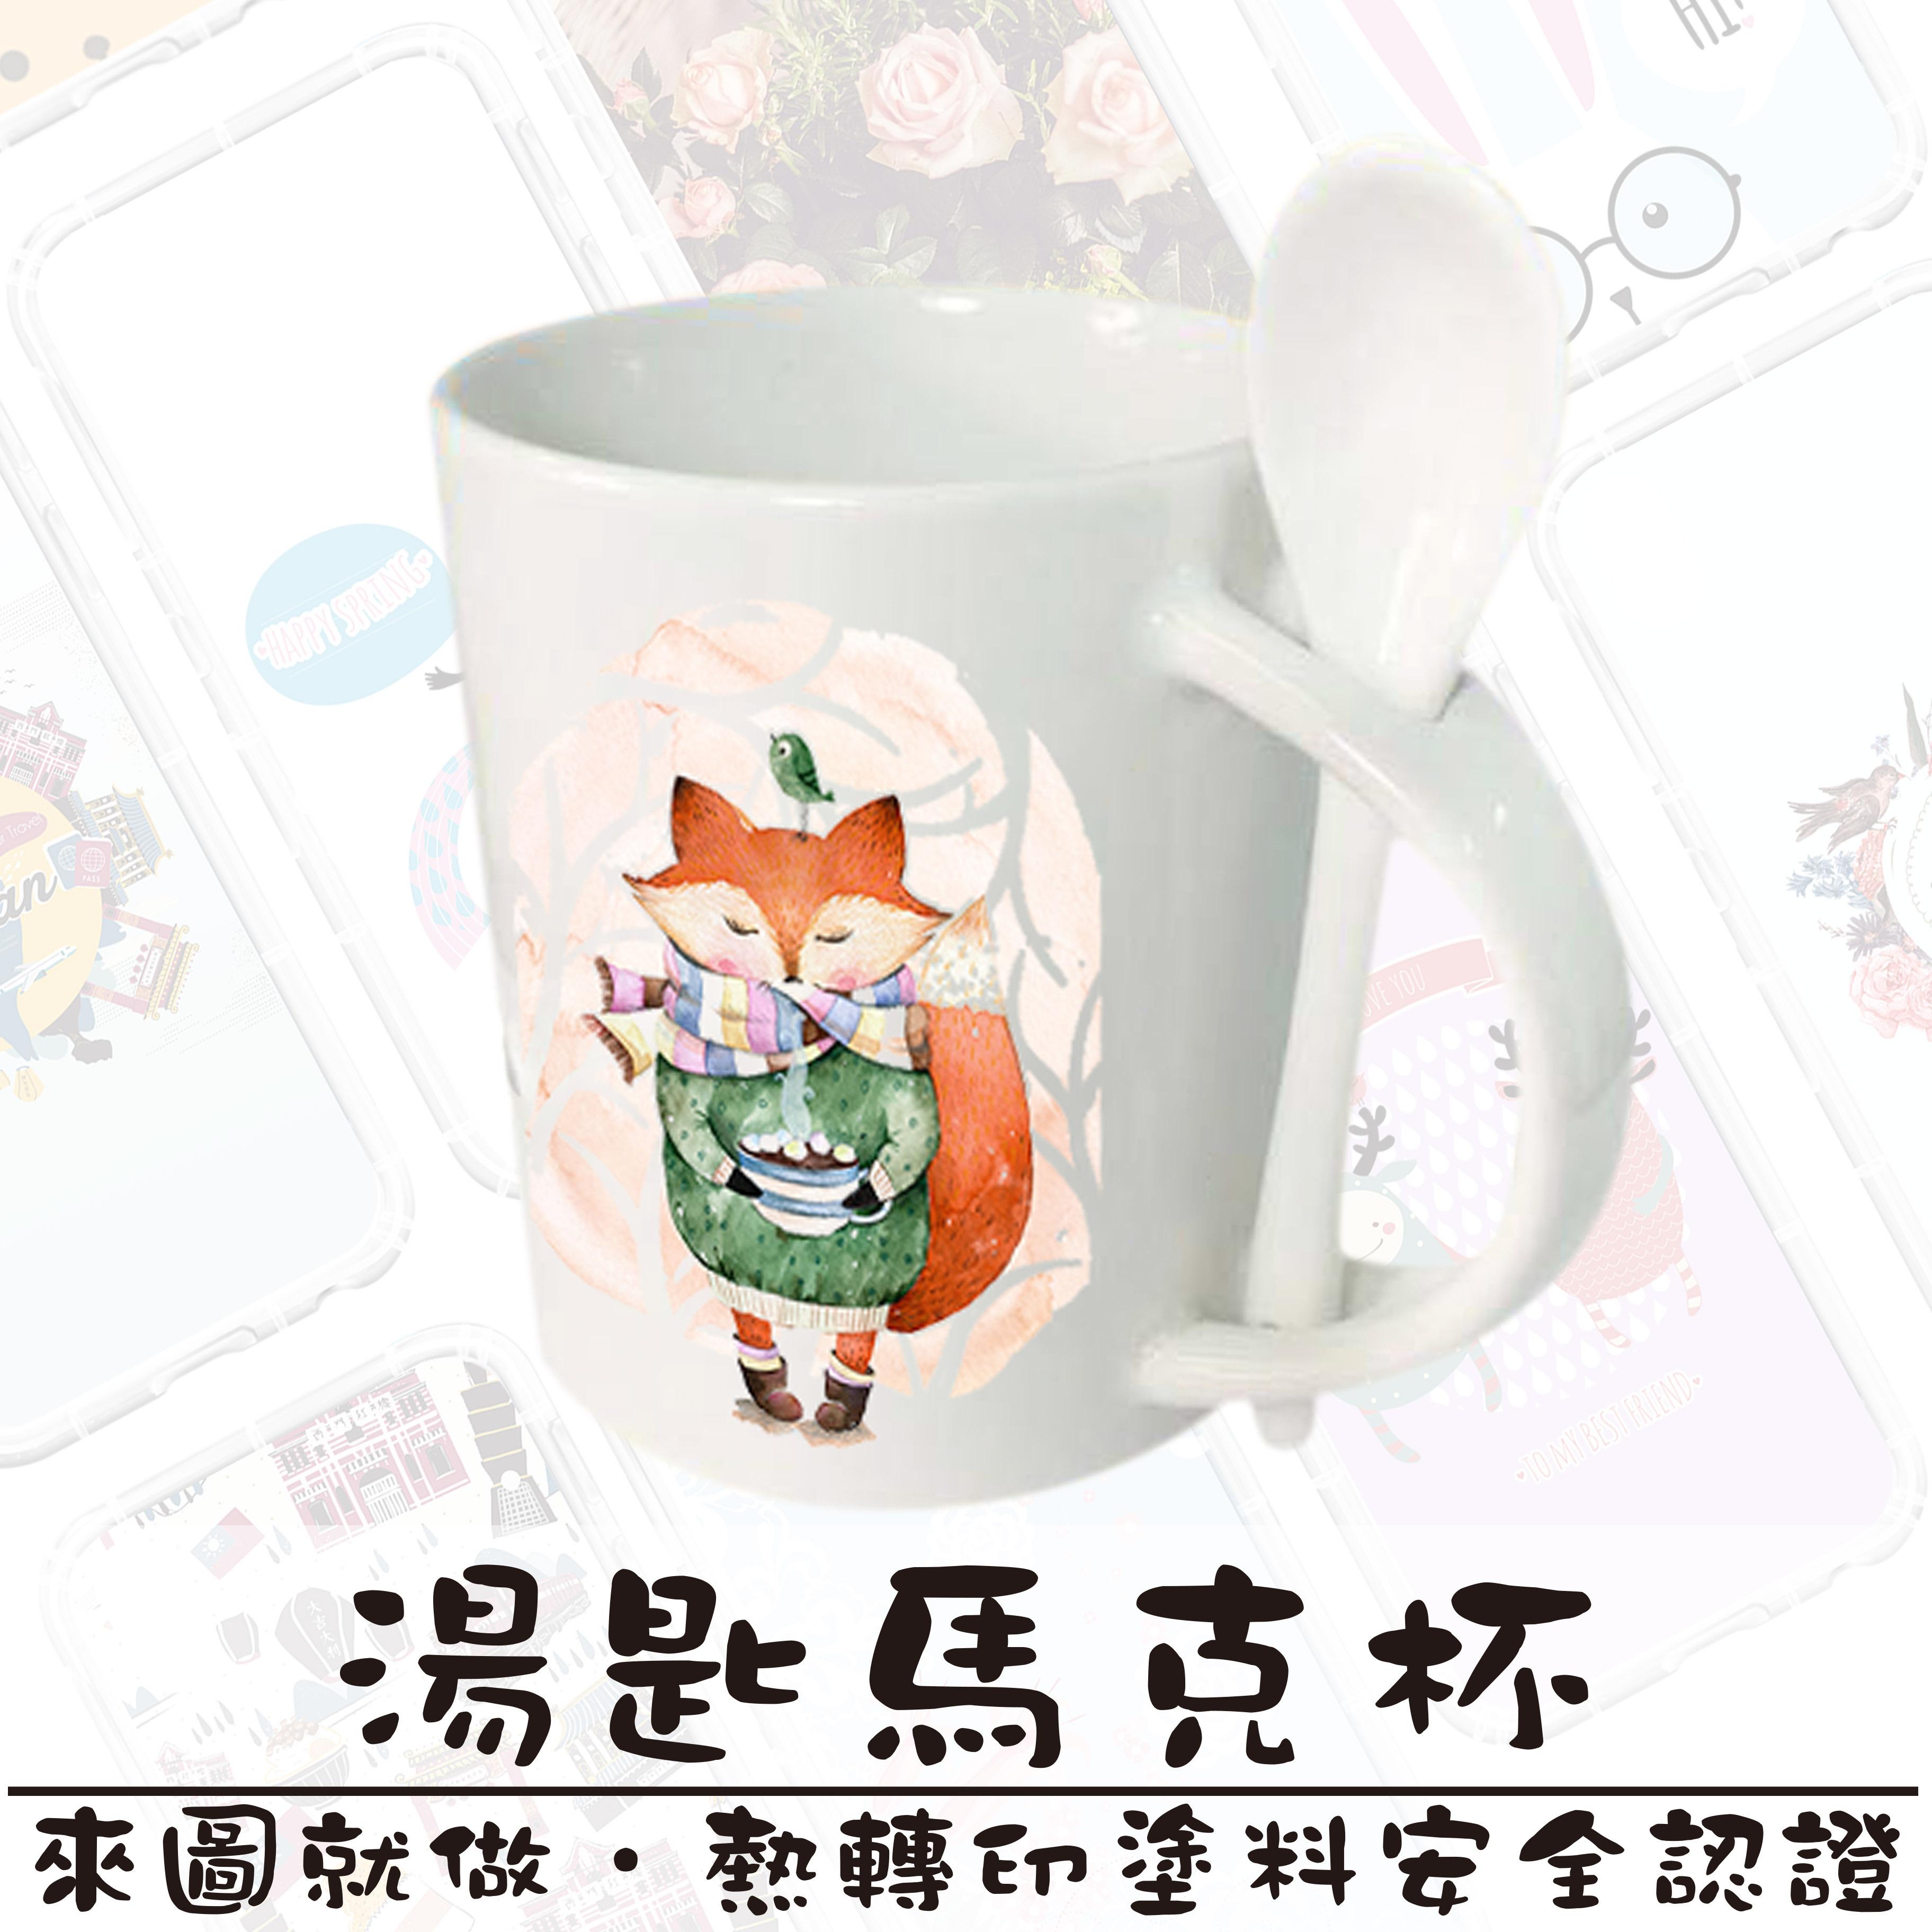 【客製圖案】純白湯匙馬克杯 工廠直營/客製化圖案/送禮/自用/生日/訂做